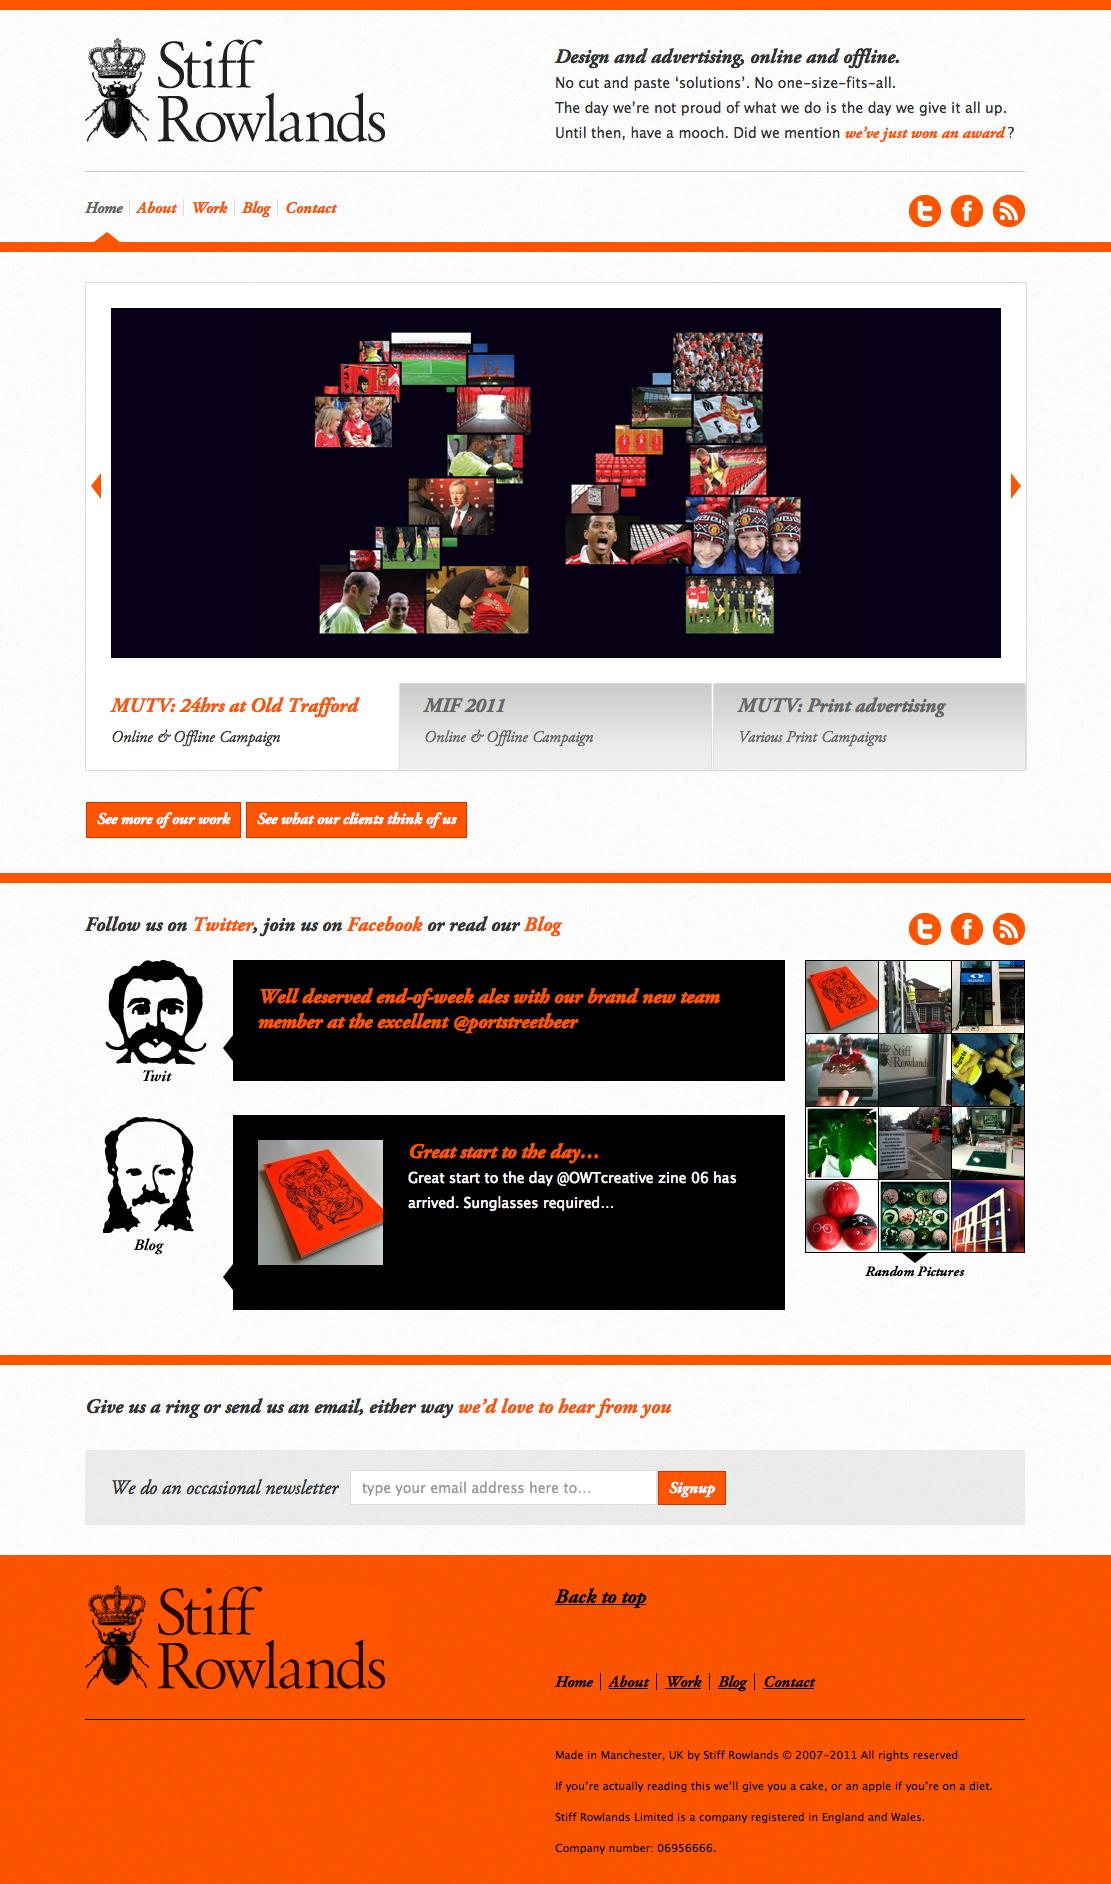 I'm usually not a fan of orange, but it works here. #webdesign #web #design #color #orange